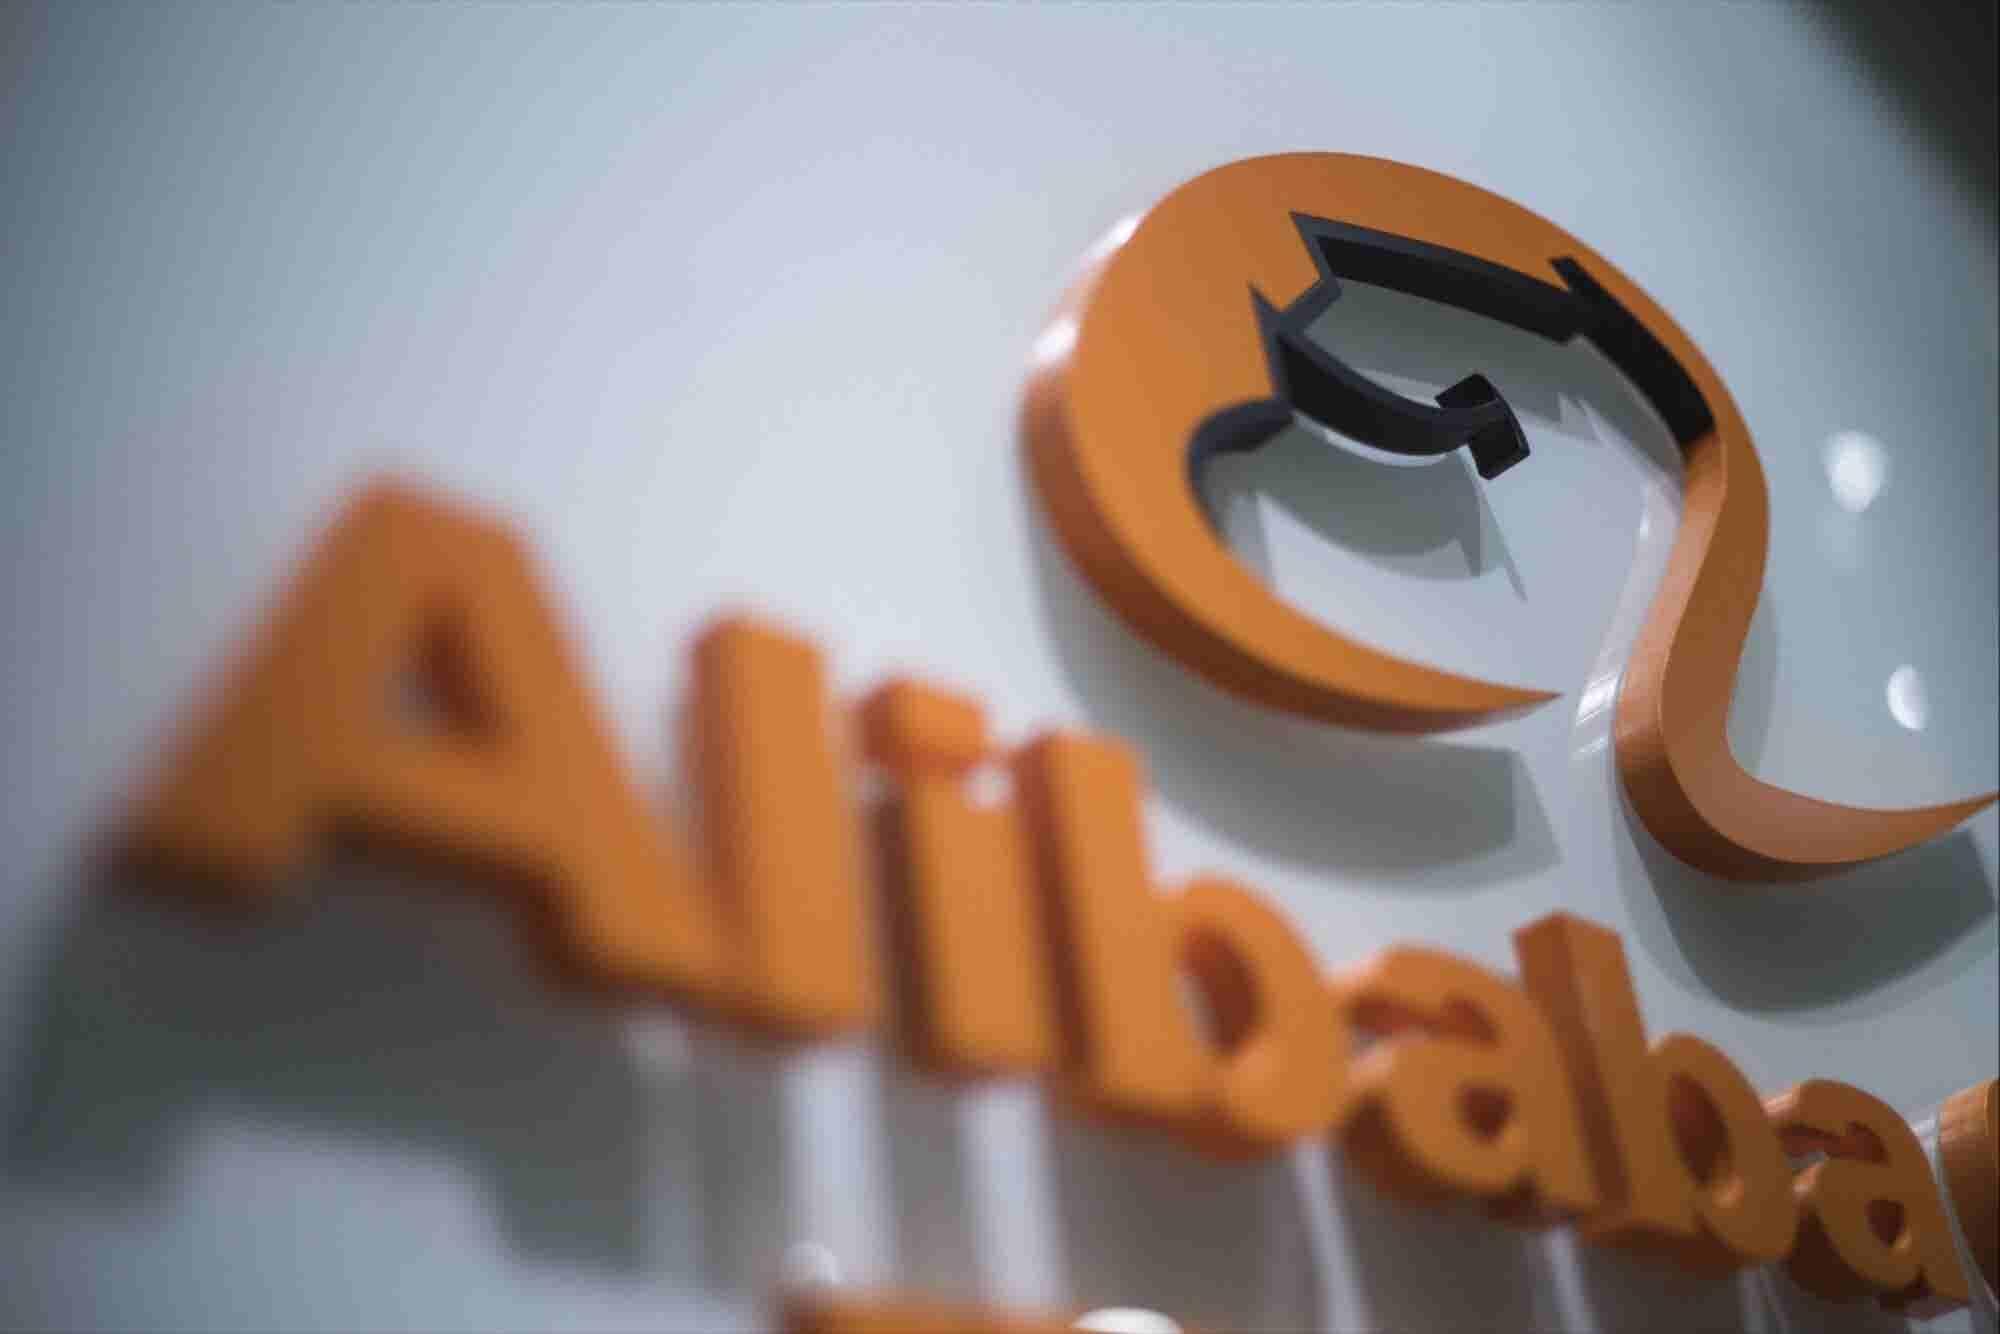 Alibaba Vows to Keep Fighting Fakes Despite Anti-Counterfeiting Group Snub